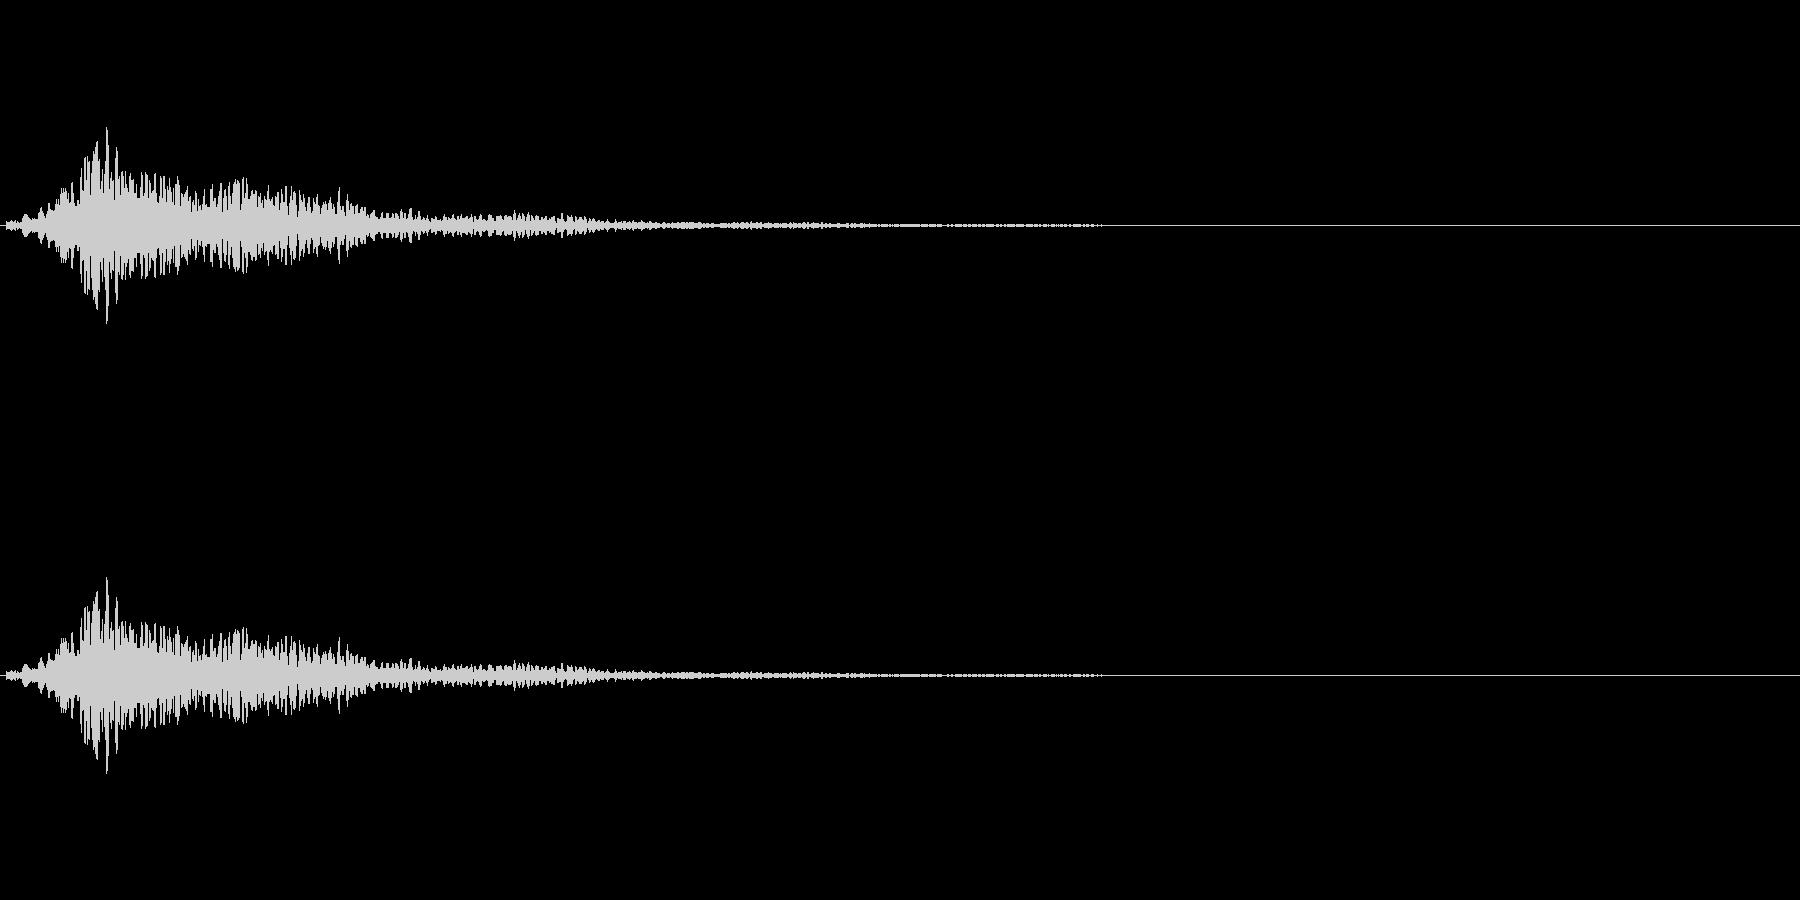 キラキラリーンShortの未再生の波形